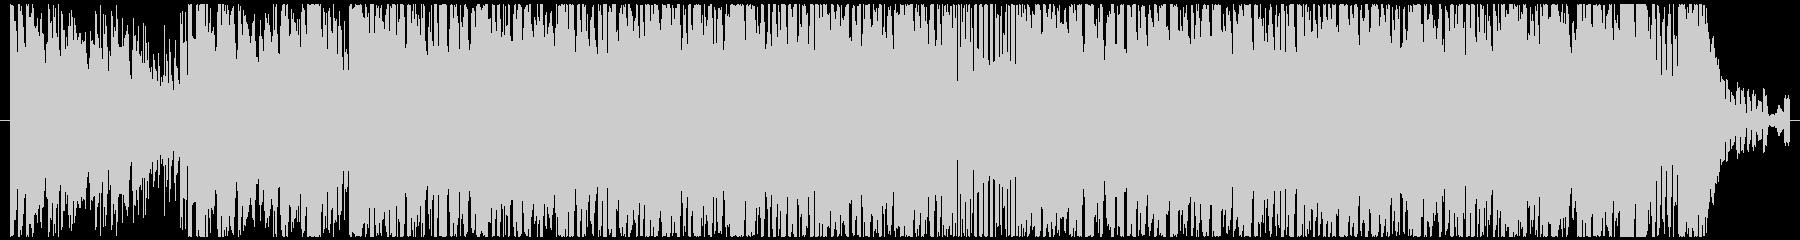 シタールがメインのダンスチックな曲の未再生の波形